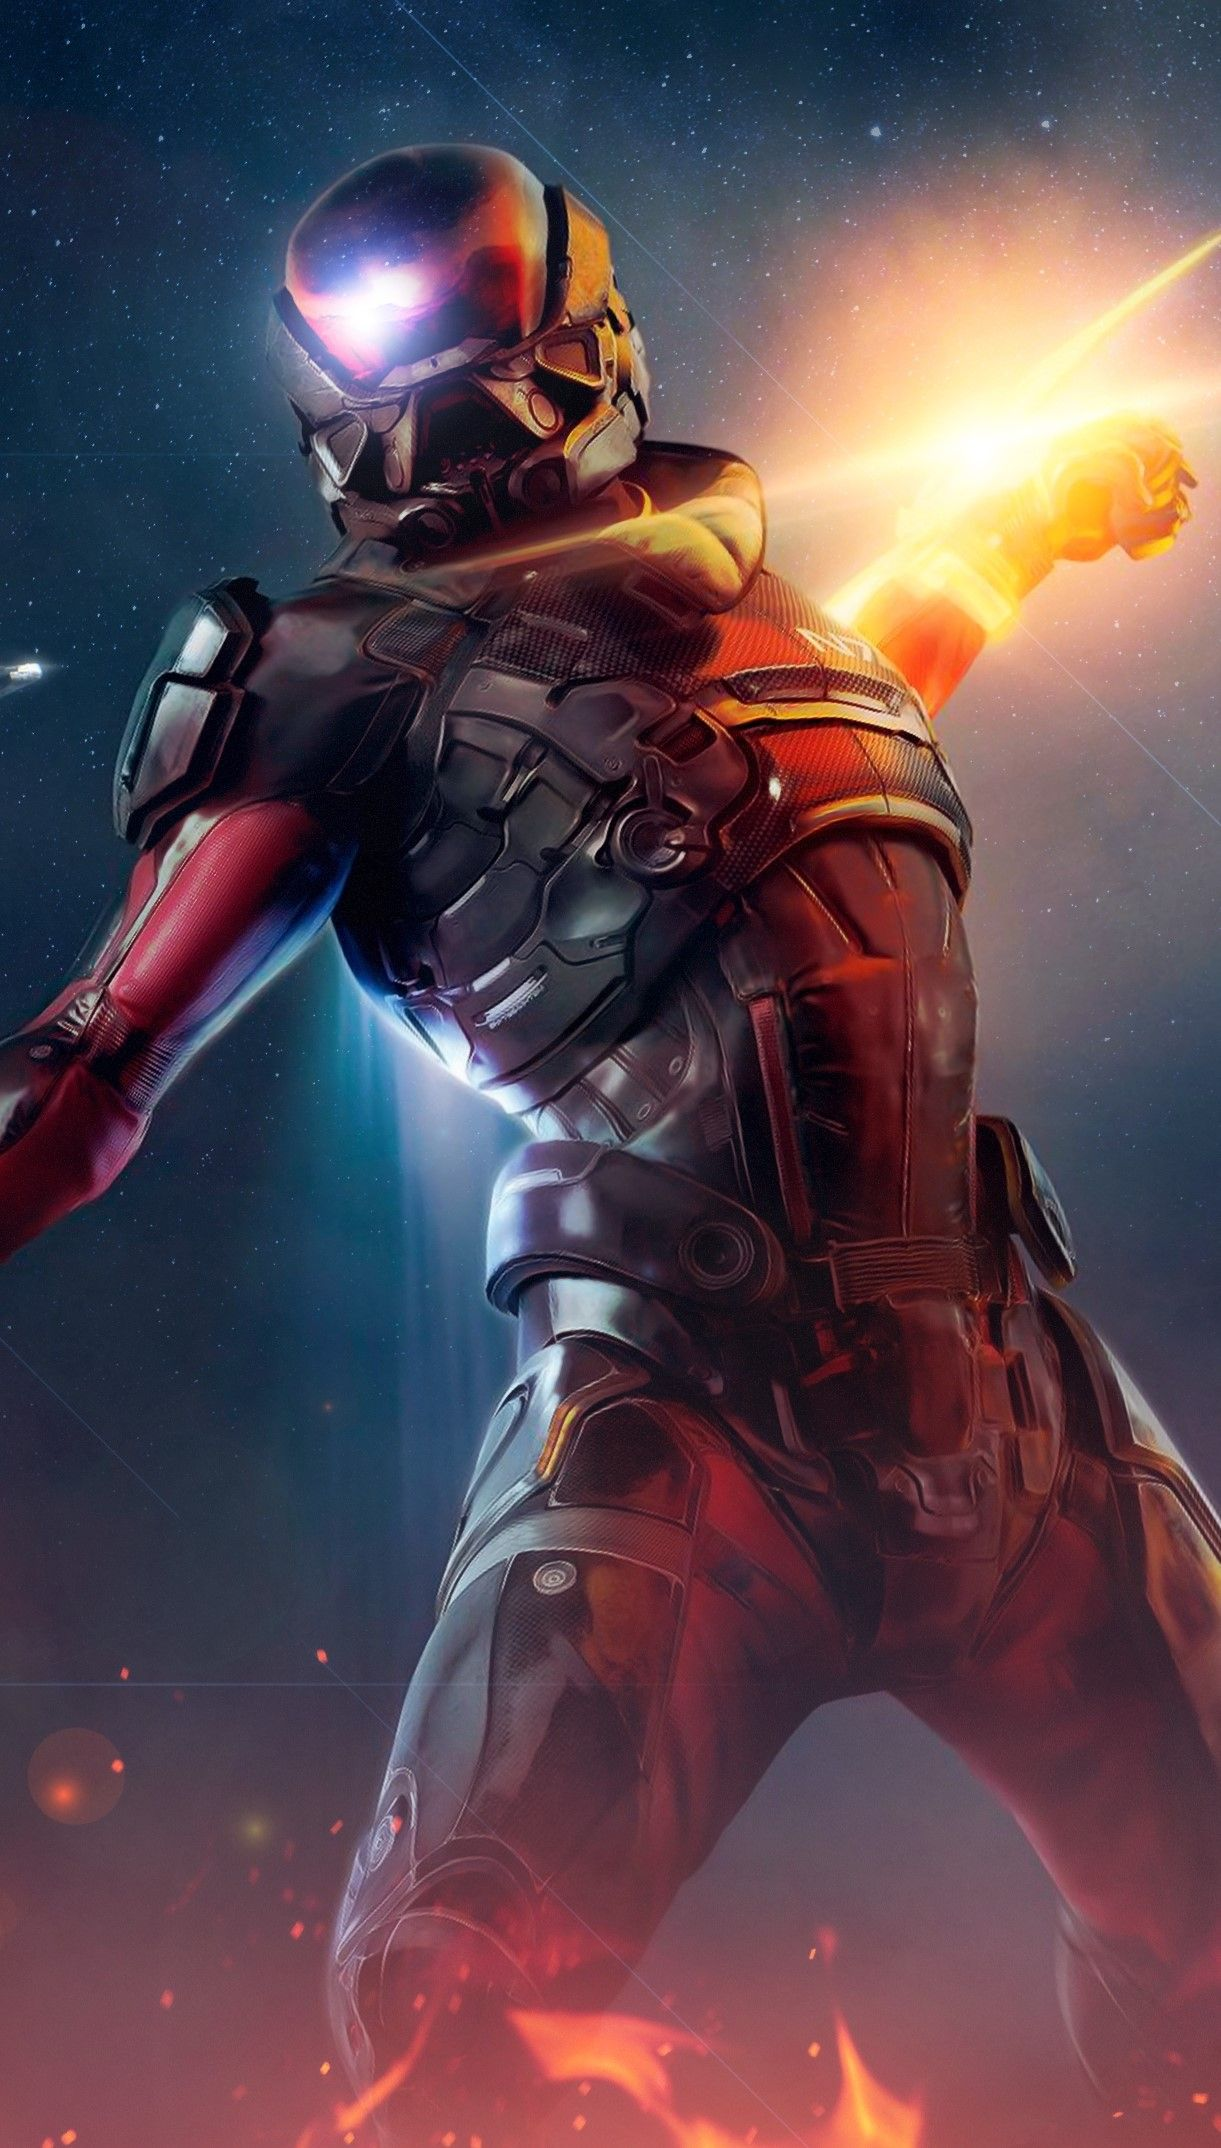 Mass Effect Andromeda Wallpaper Mass Effect Mass Effect Art Mass Effect Universe